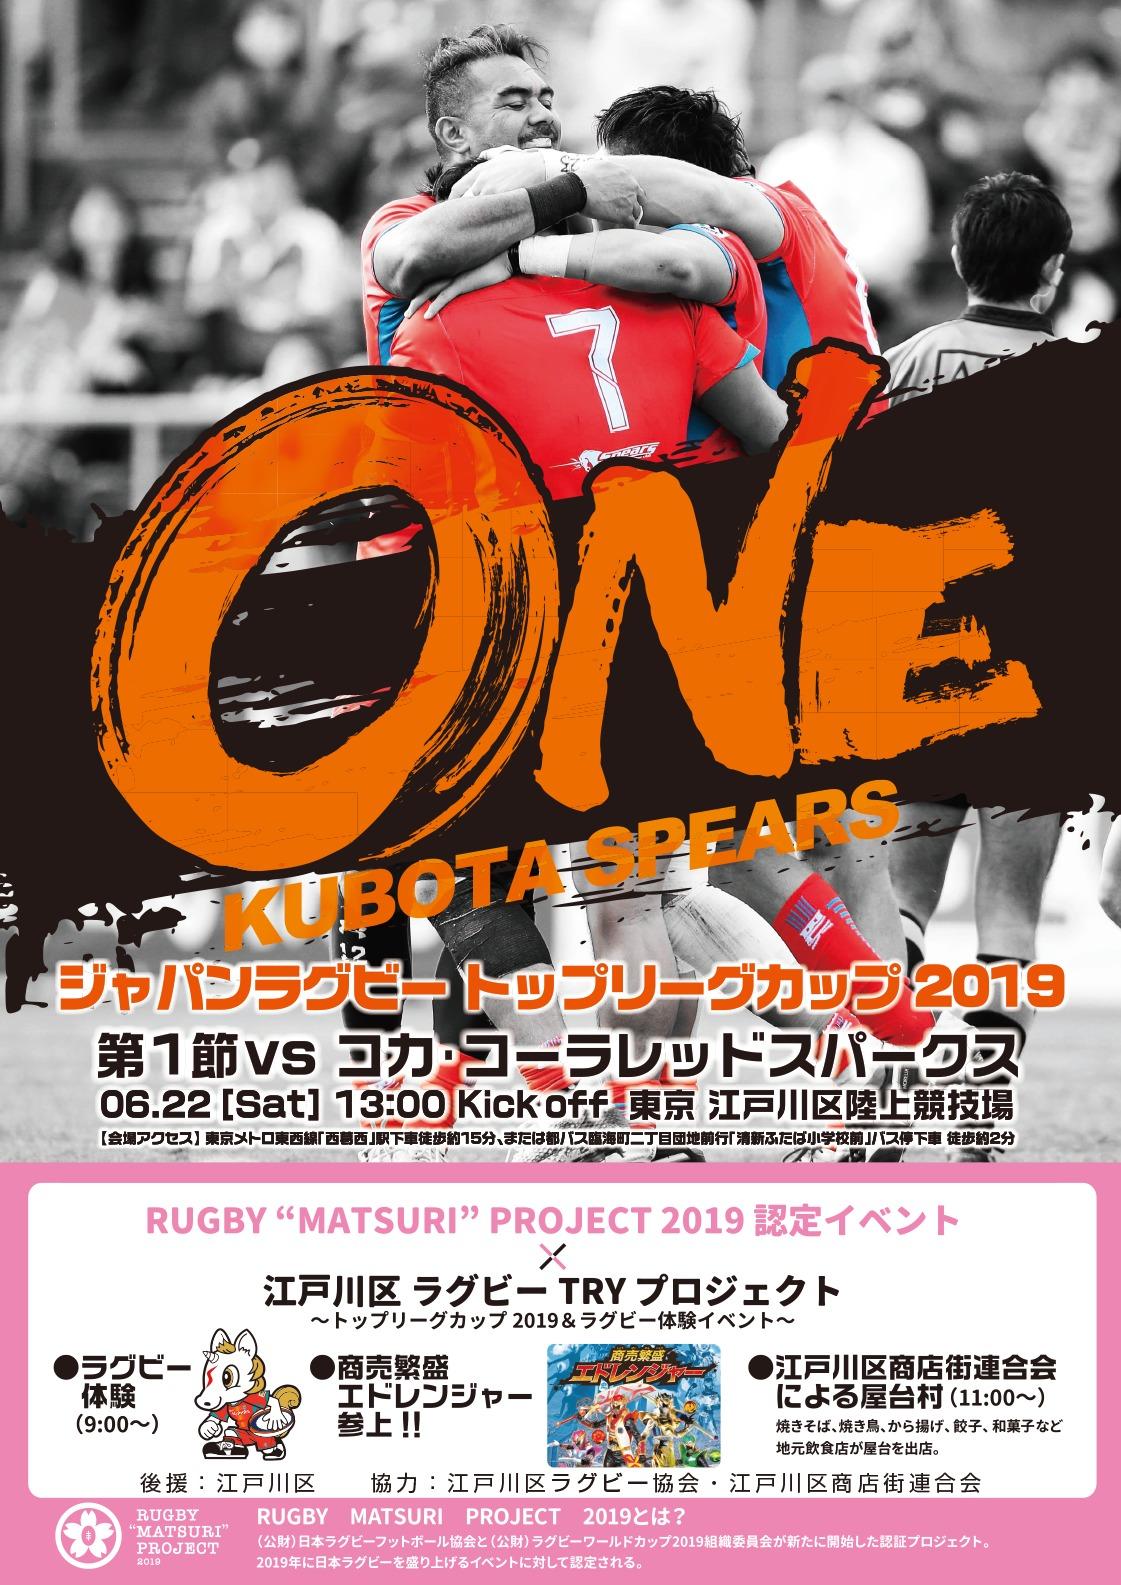 『ジャパンラグビー トップリーグカップ2019』が6月22日(土)に開幕する